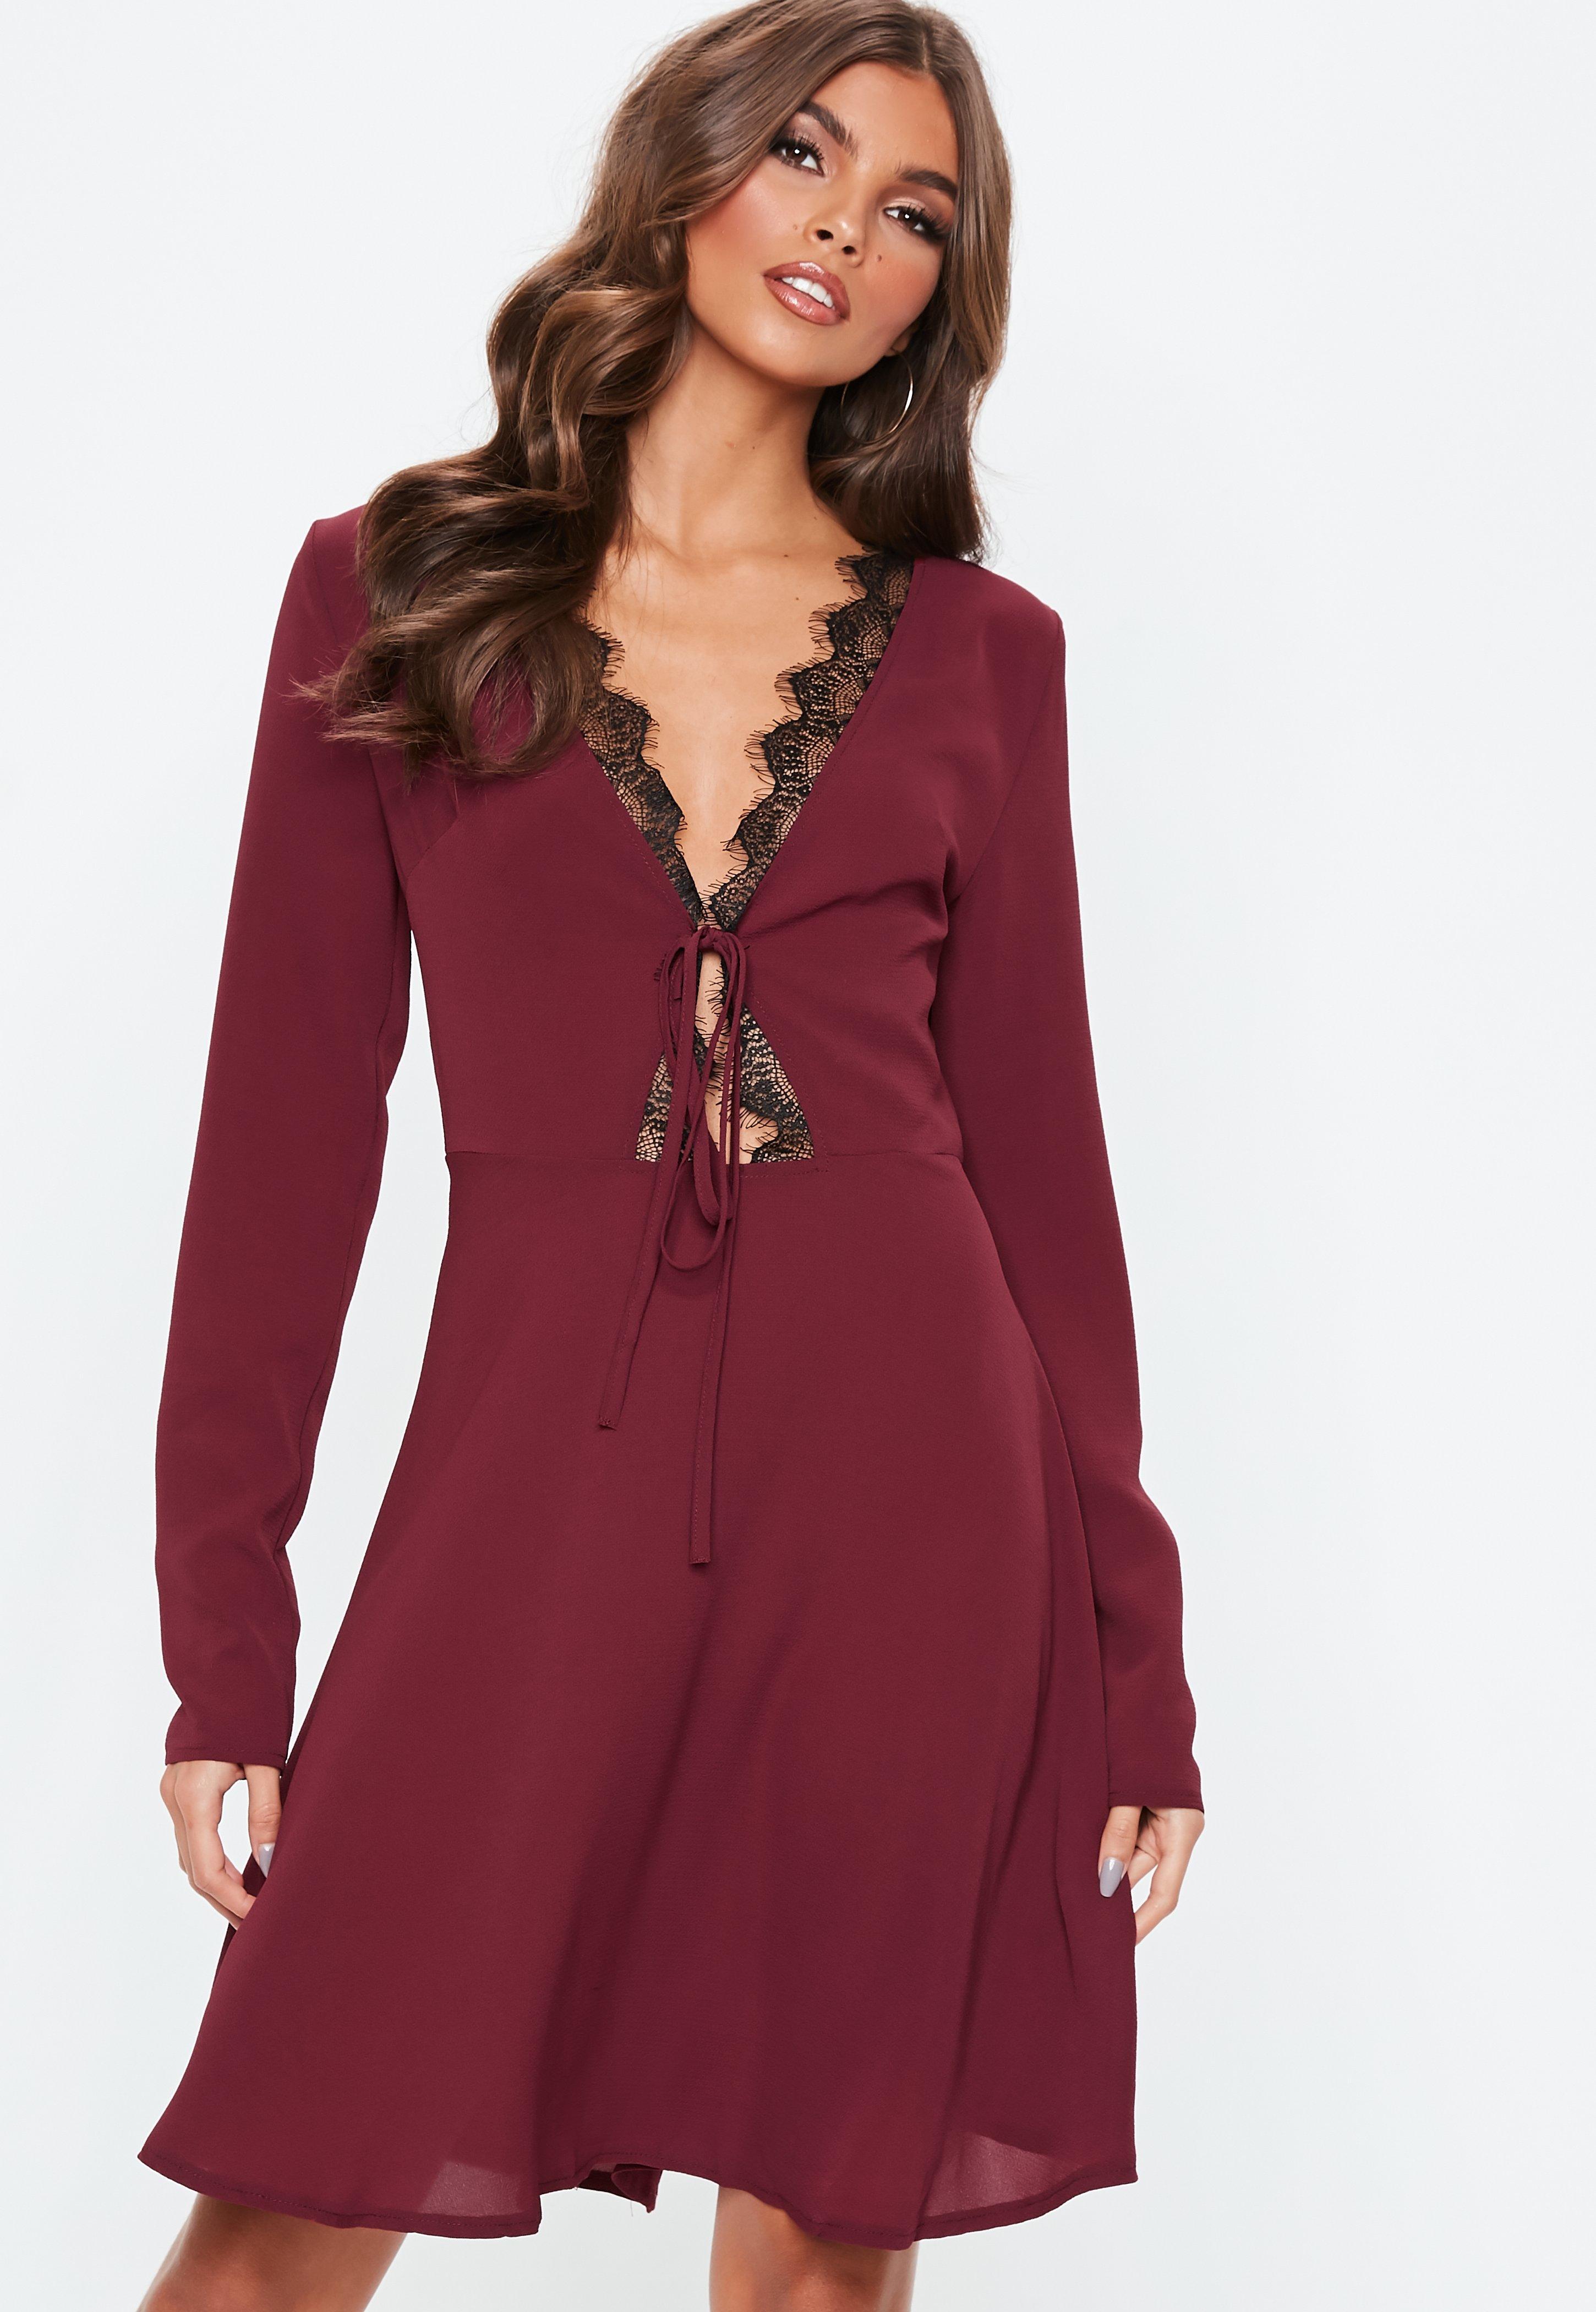 9fbdd9128992 Tall Burgundy Lace Trim Skater Dress